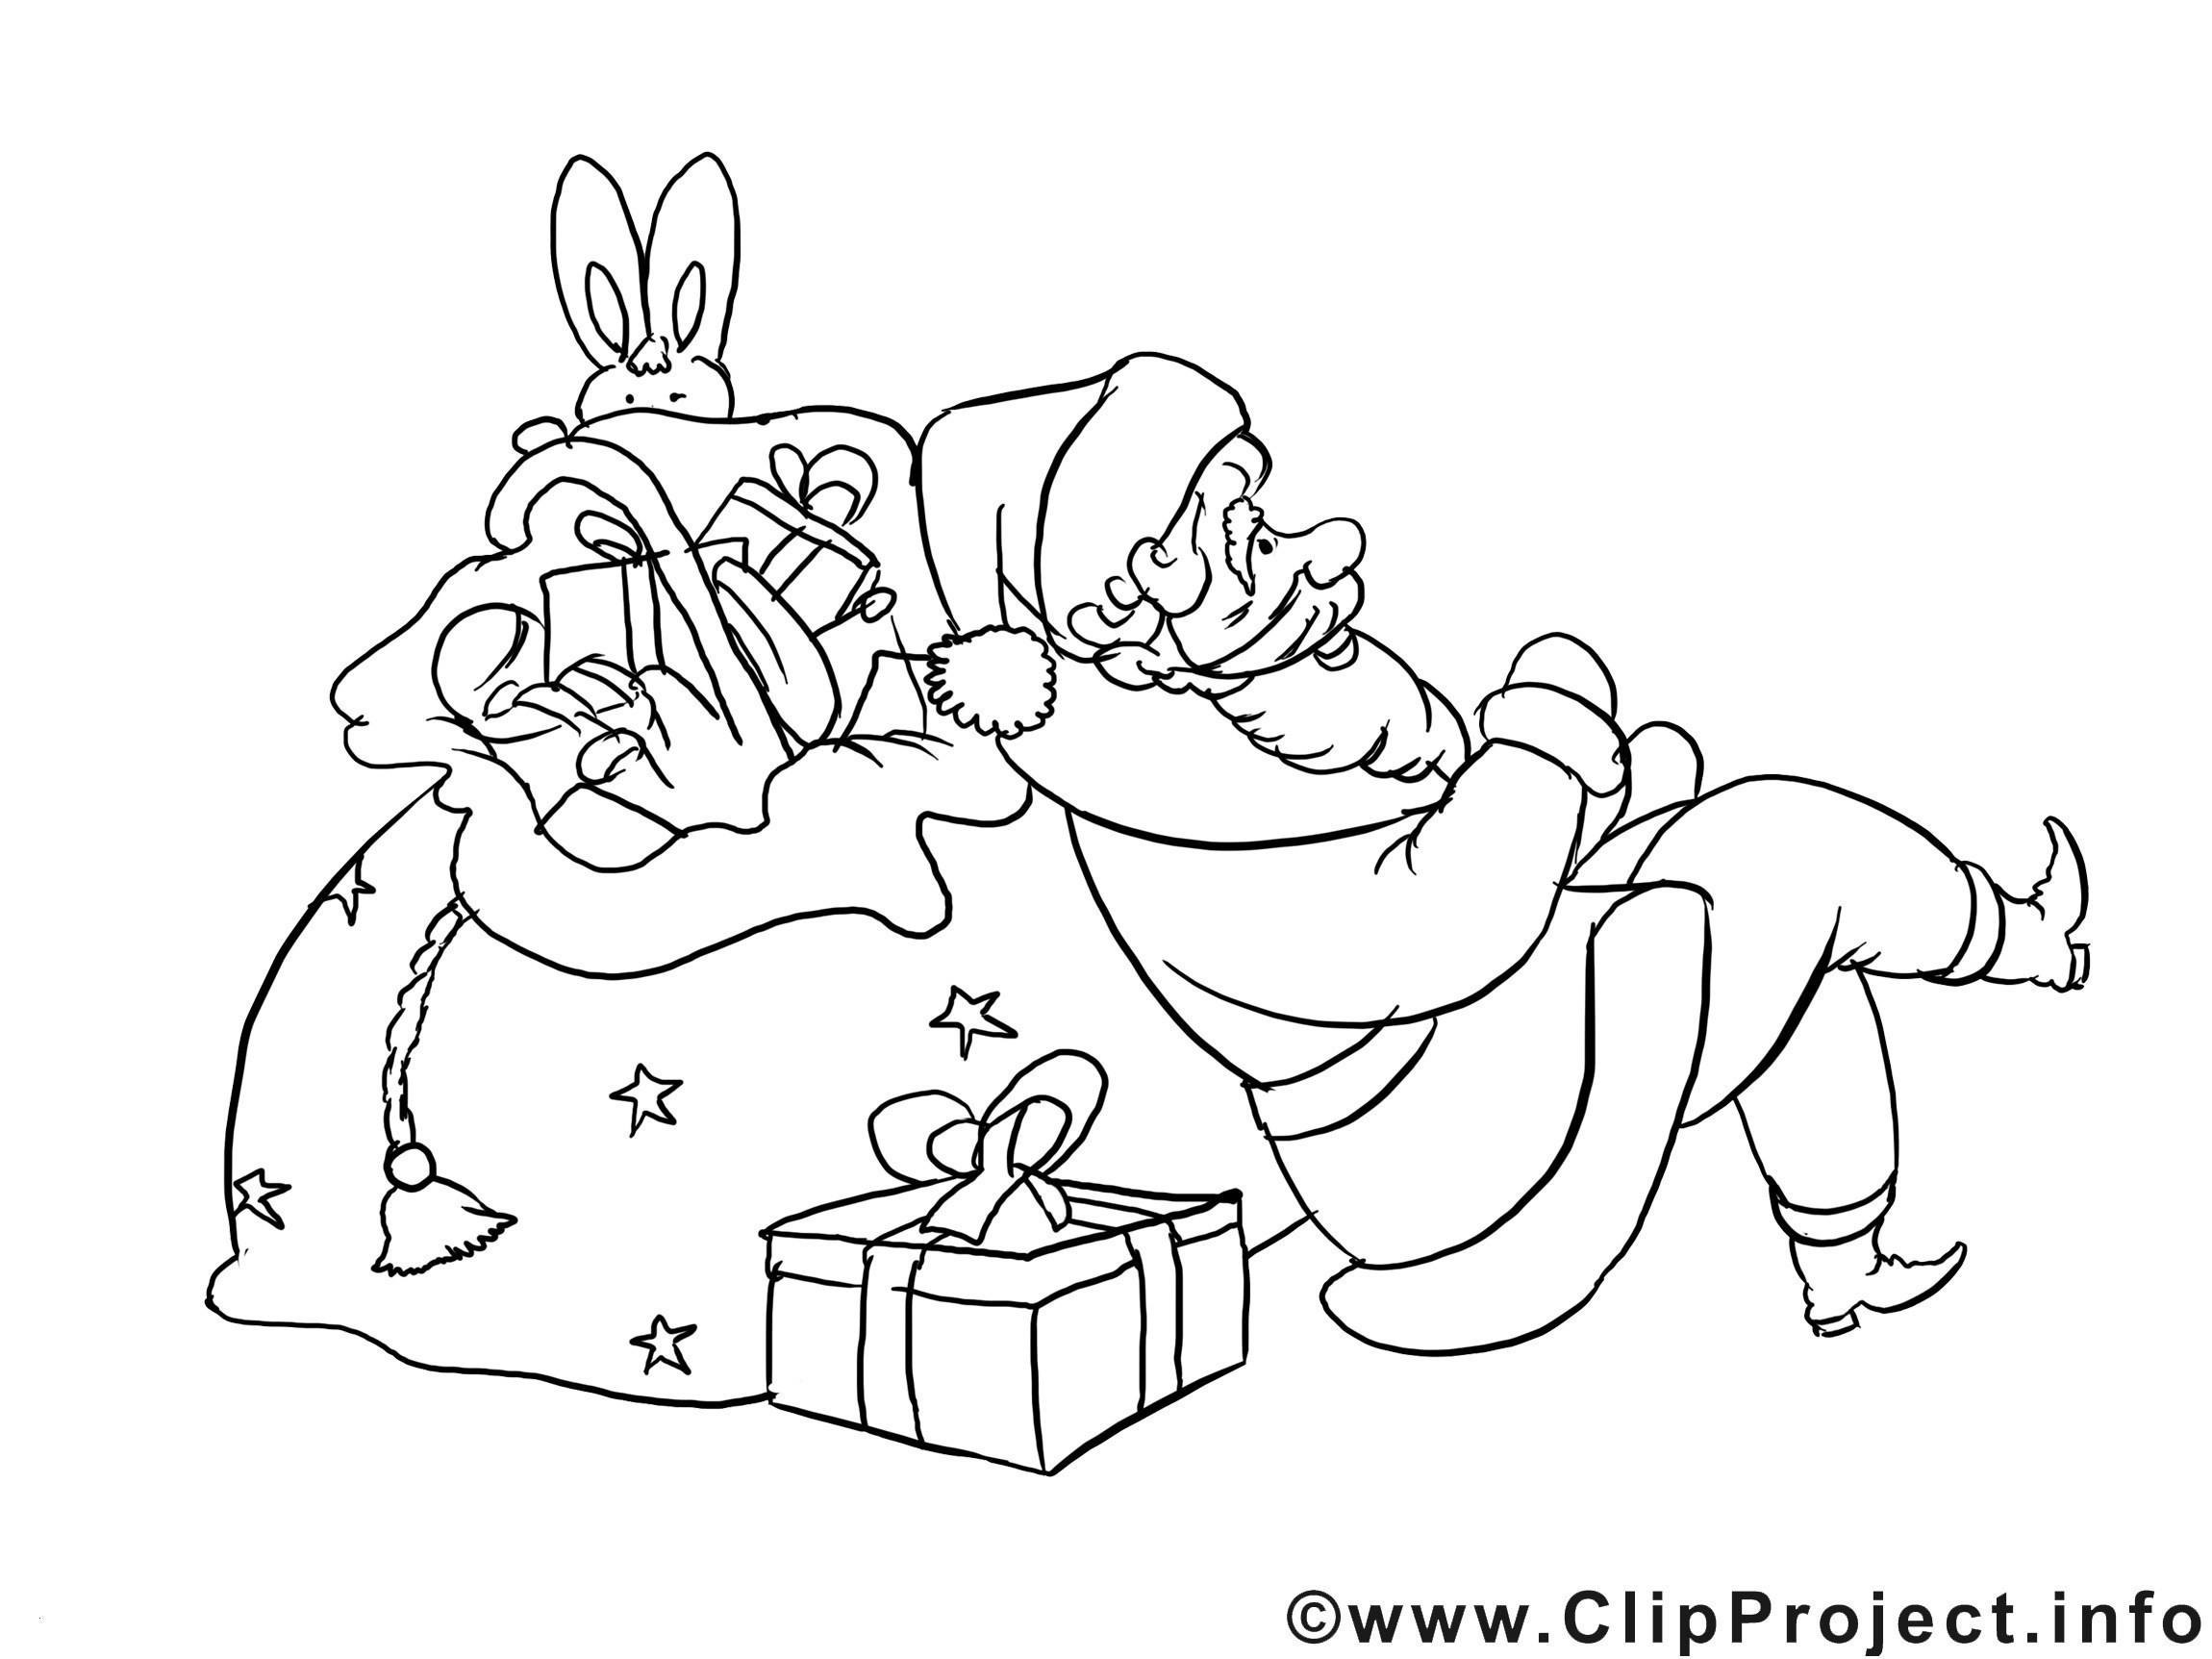 Ausmalbilder Weihnachten Winter Inspirierend 28 Best Ausmalbilder Weihnachten Schneemann Bilder Stock